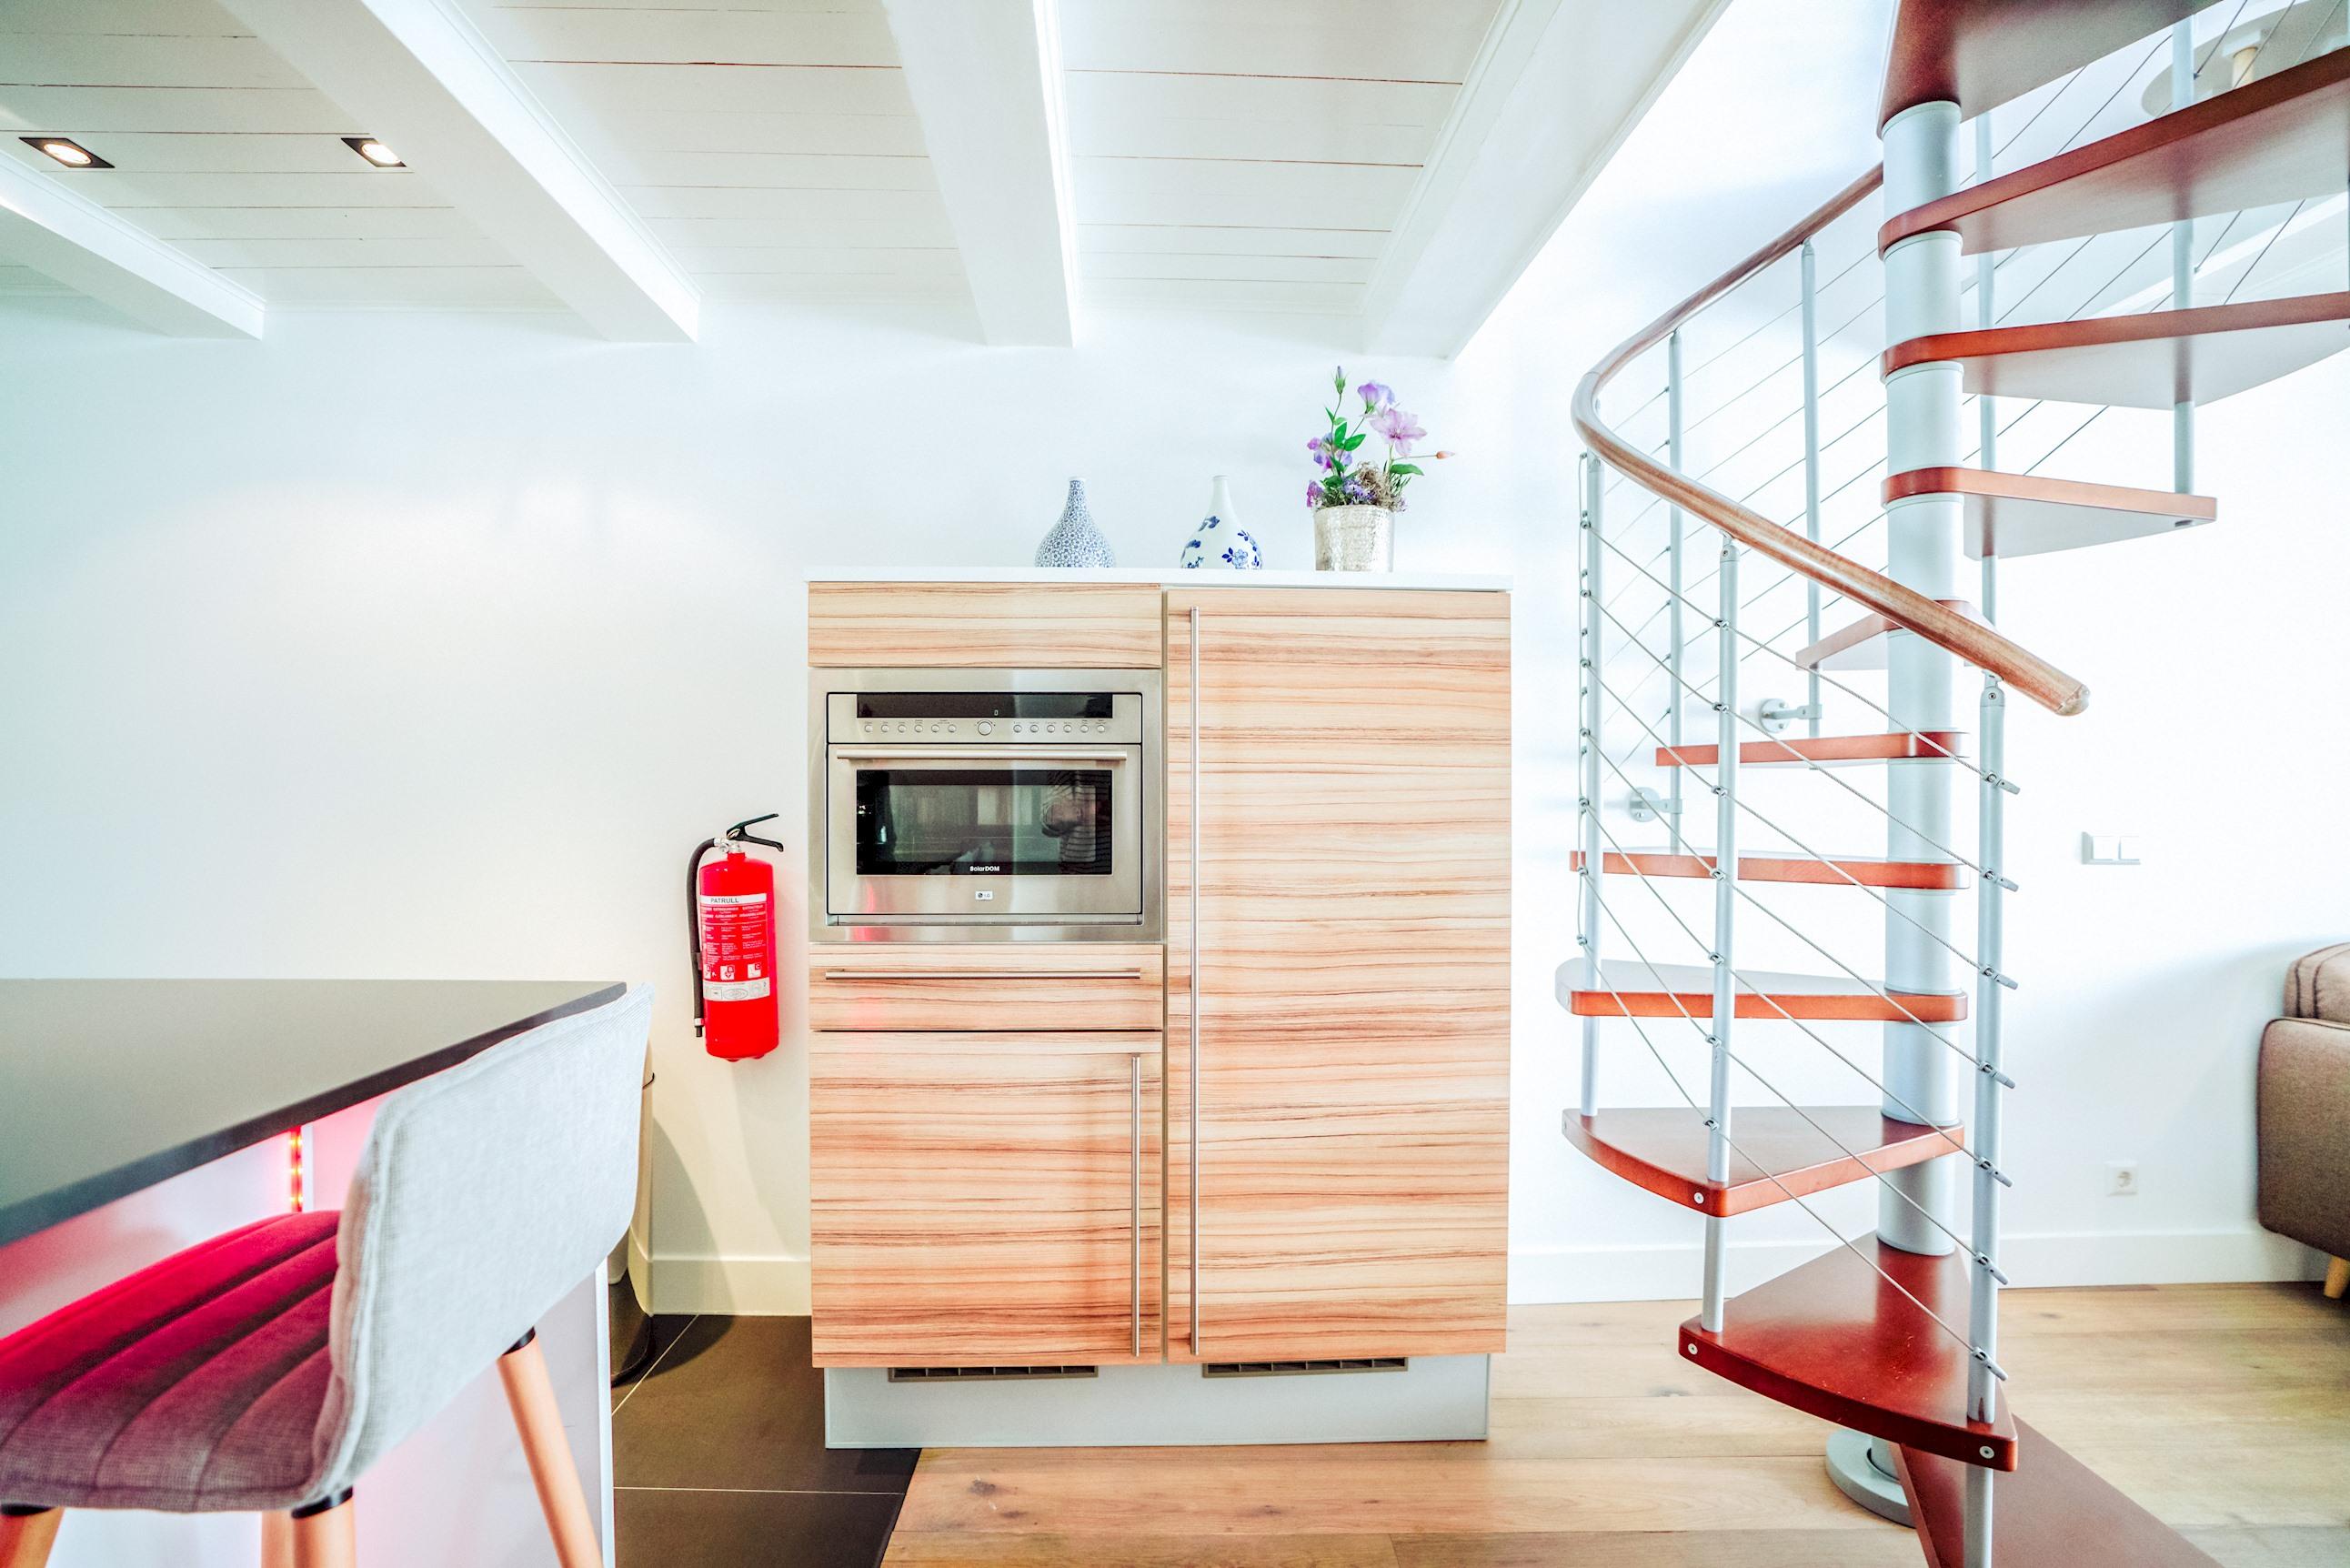 Amsterdam Apartments Leidsesquare Second Floor Duplex photo 20221503